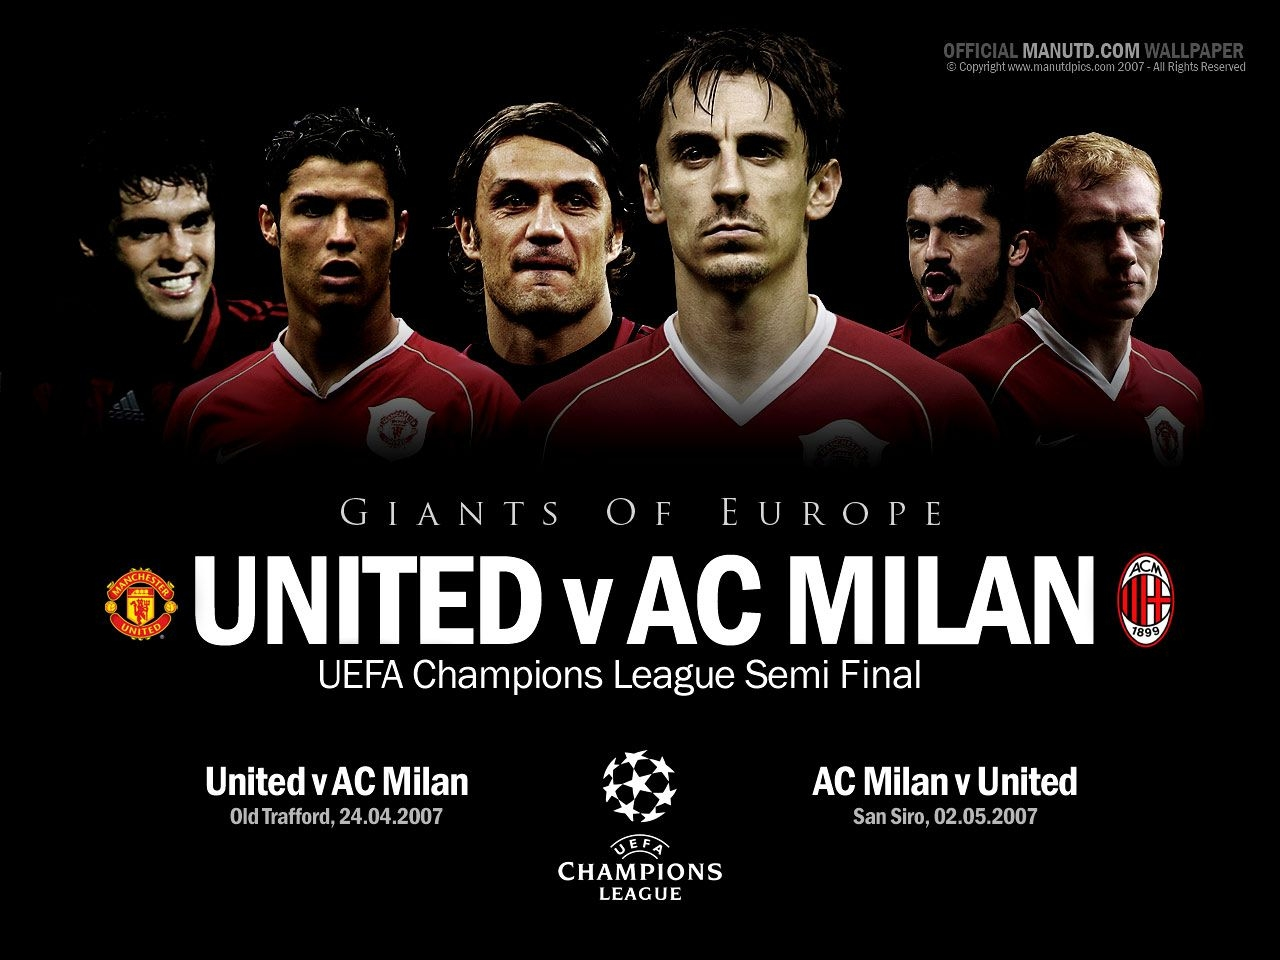 http://2.bp.blogspot.com/-E4TDeLB-5O0/Tl9jeYzlCFI/AAAAAAAADXs/WzqGGn3Cdqw/s1600/Manchester-United-Wallpaper-2011-15.jpg